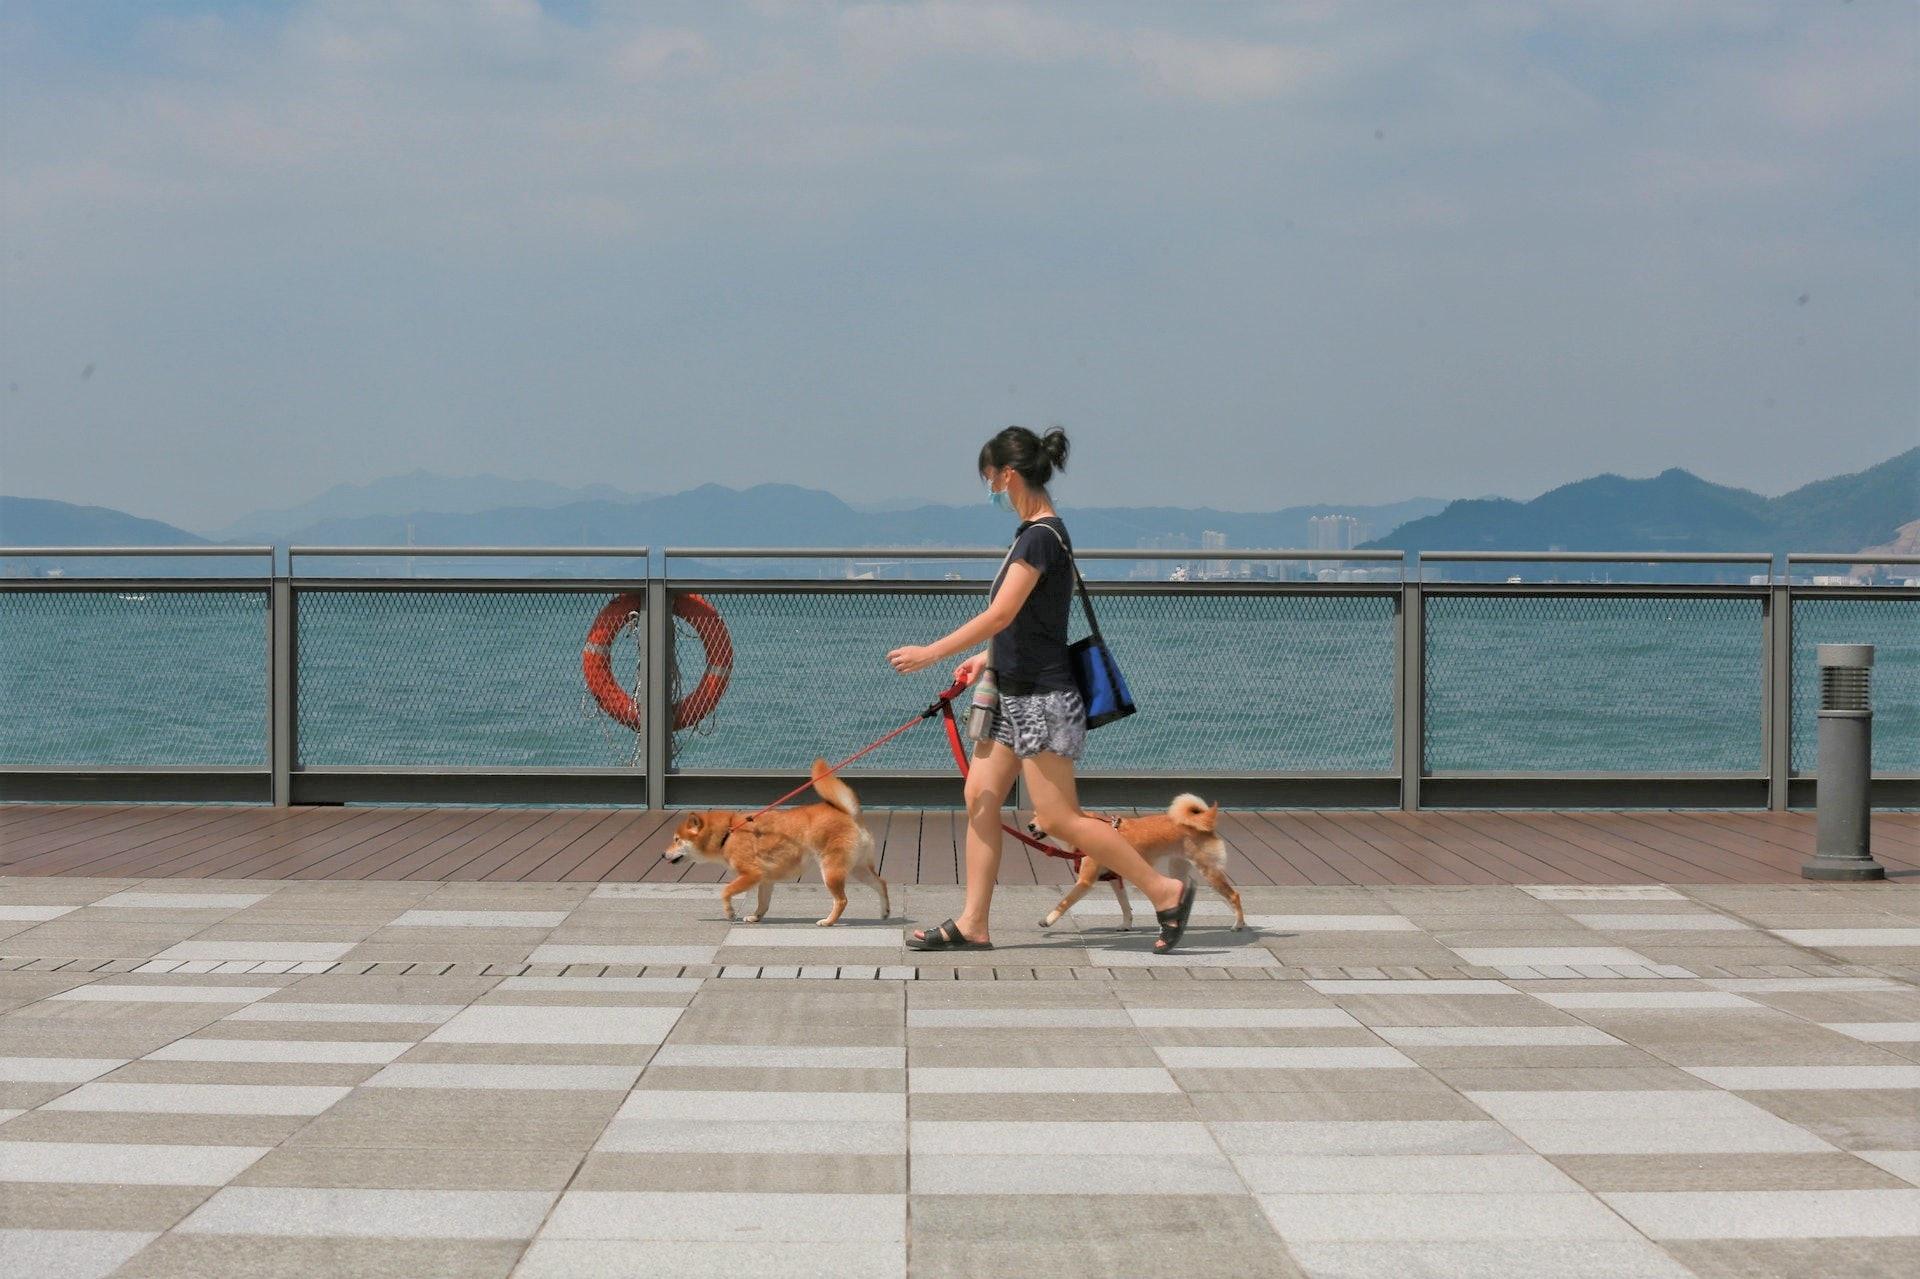 休憩用地設有寵物角,市民可以帶埋有牽繩的寵物前去散步。(資料圖片)